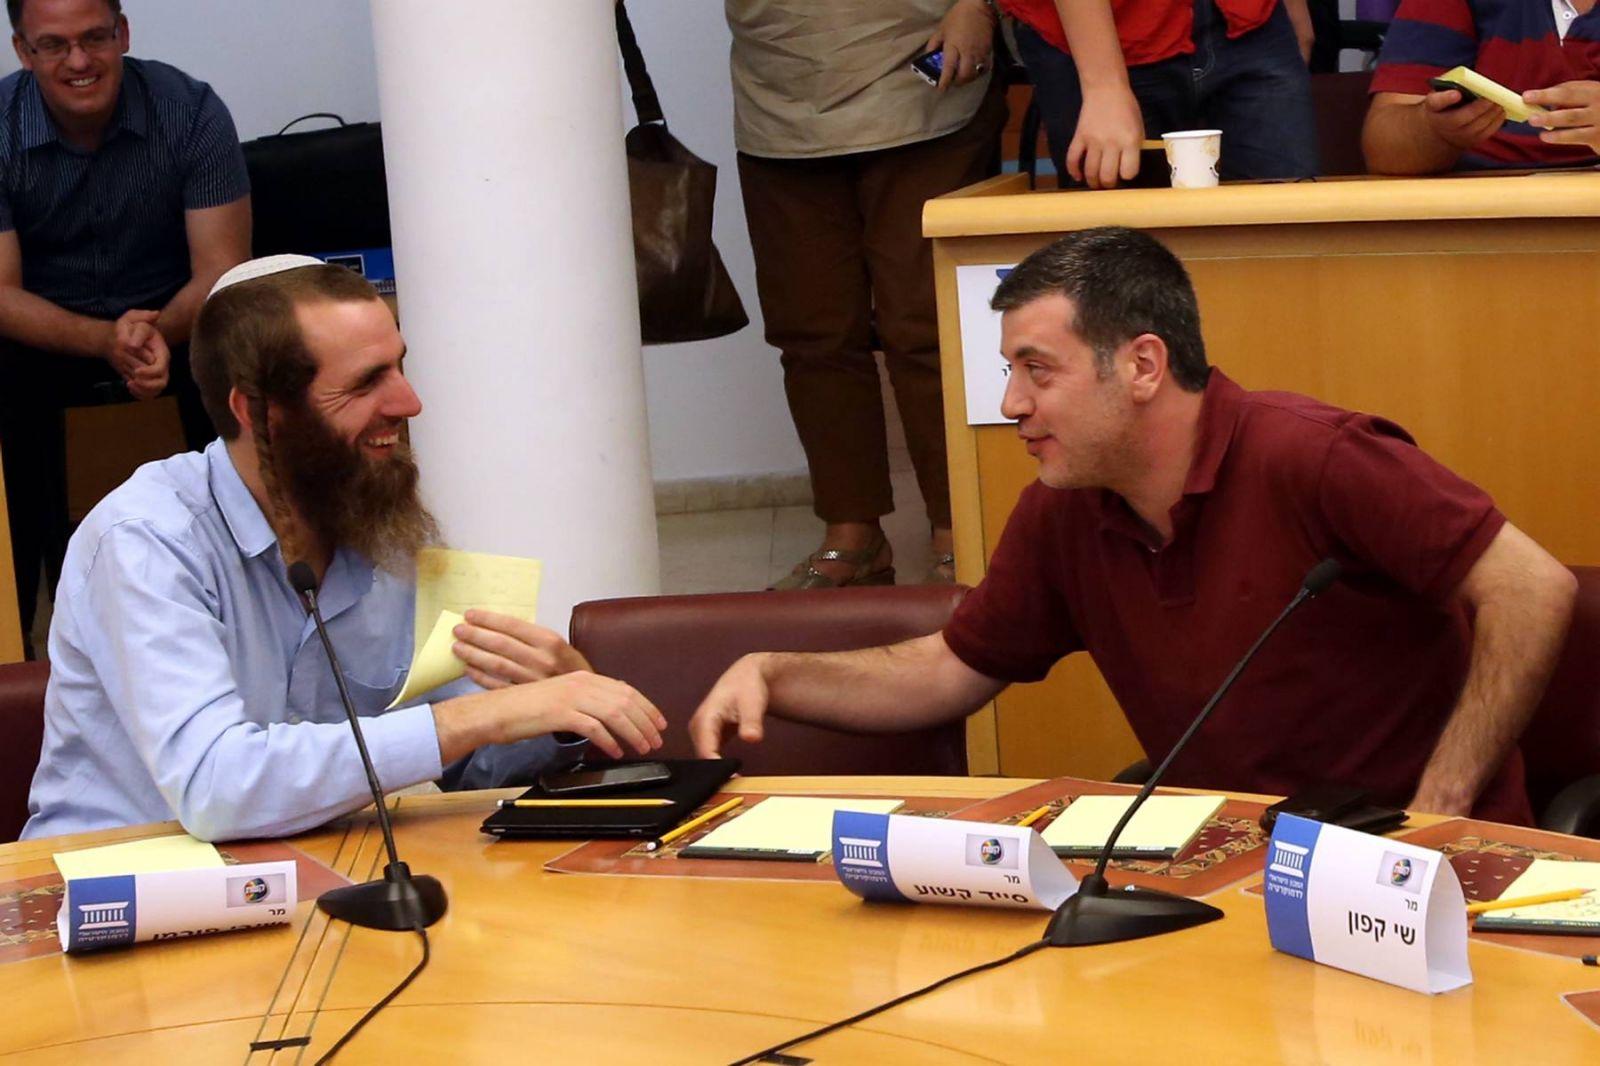 סייד קשוע ושיבי פורמן בכנס במכון הישראלי לדמוקרטיה (צילום: יוסי זמיר)